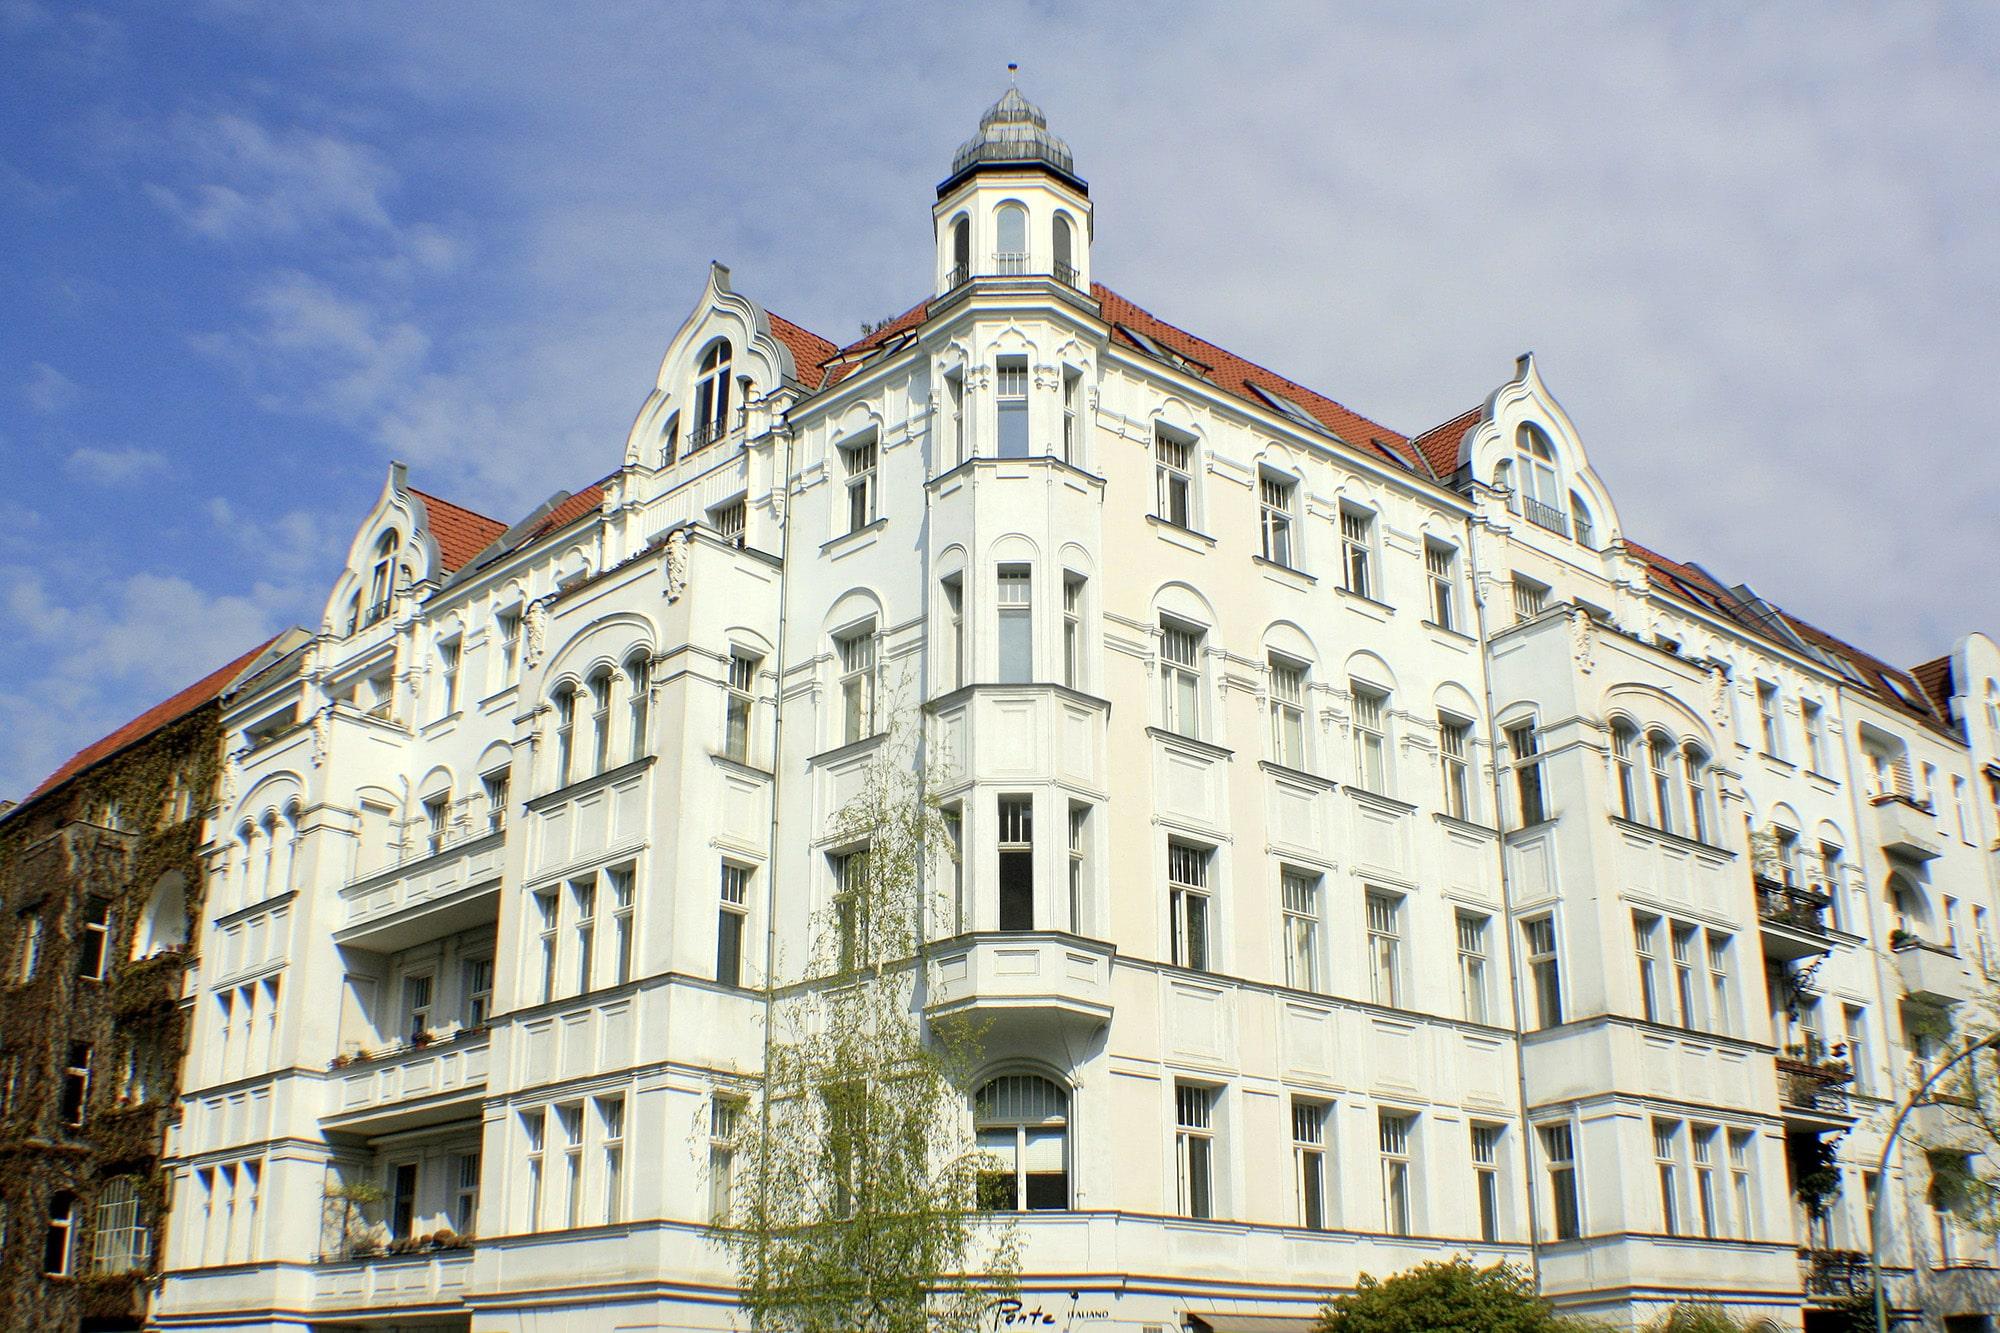 gelungene Altbausanierung in Berlin